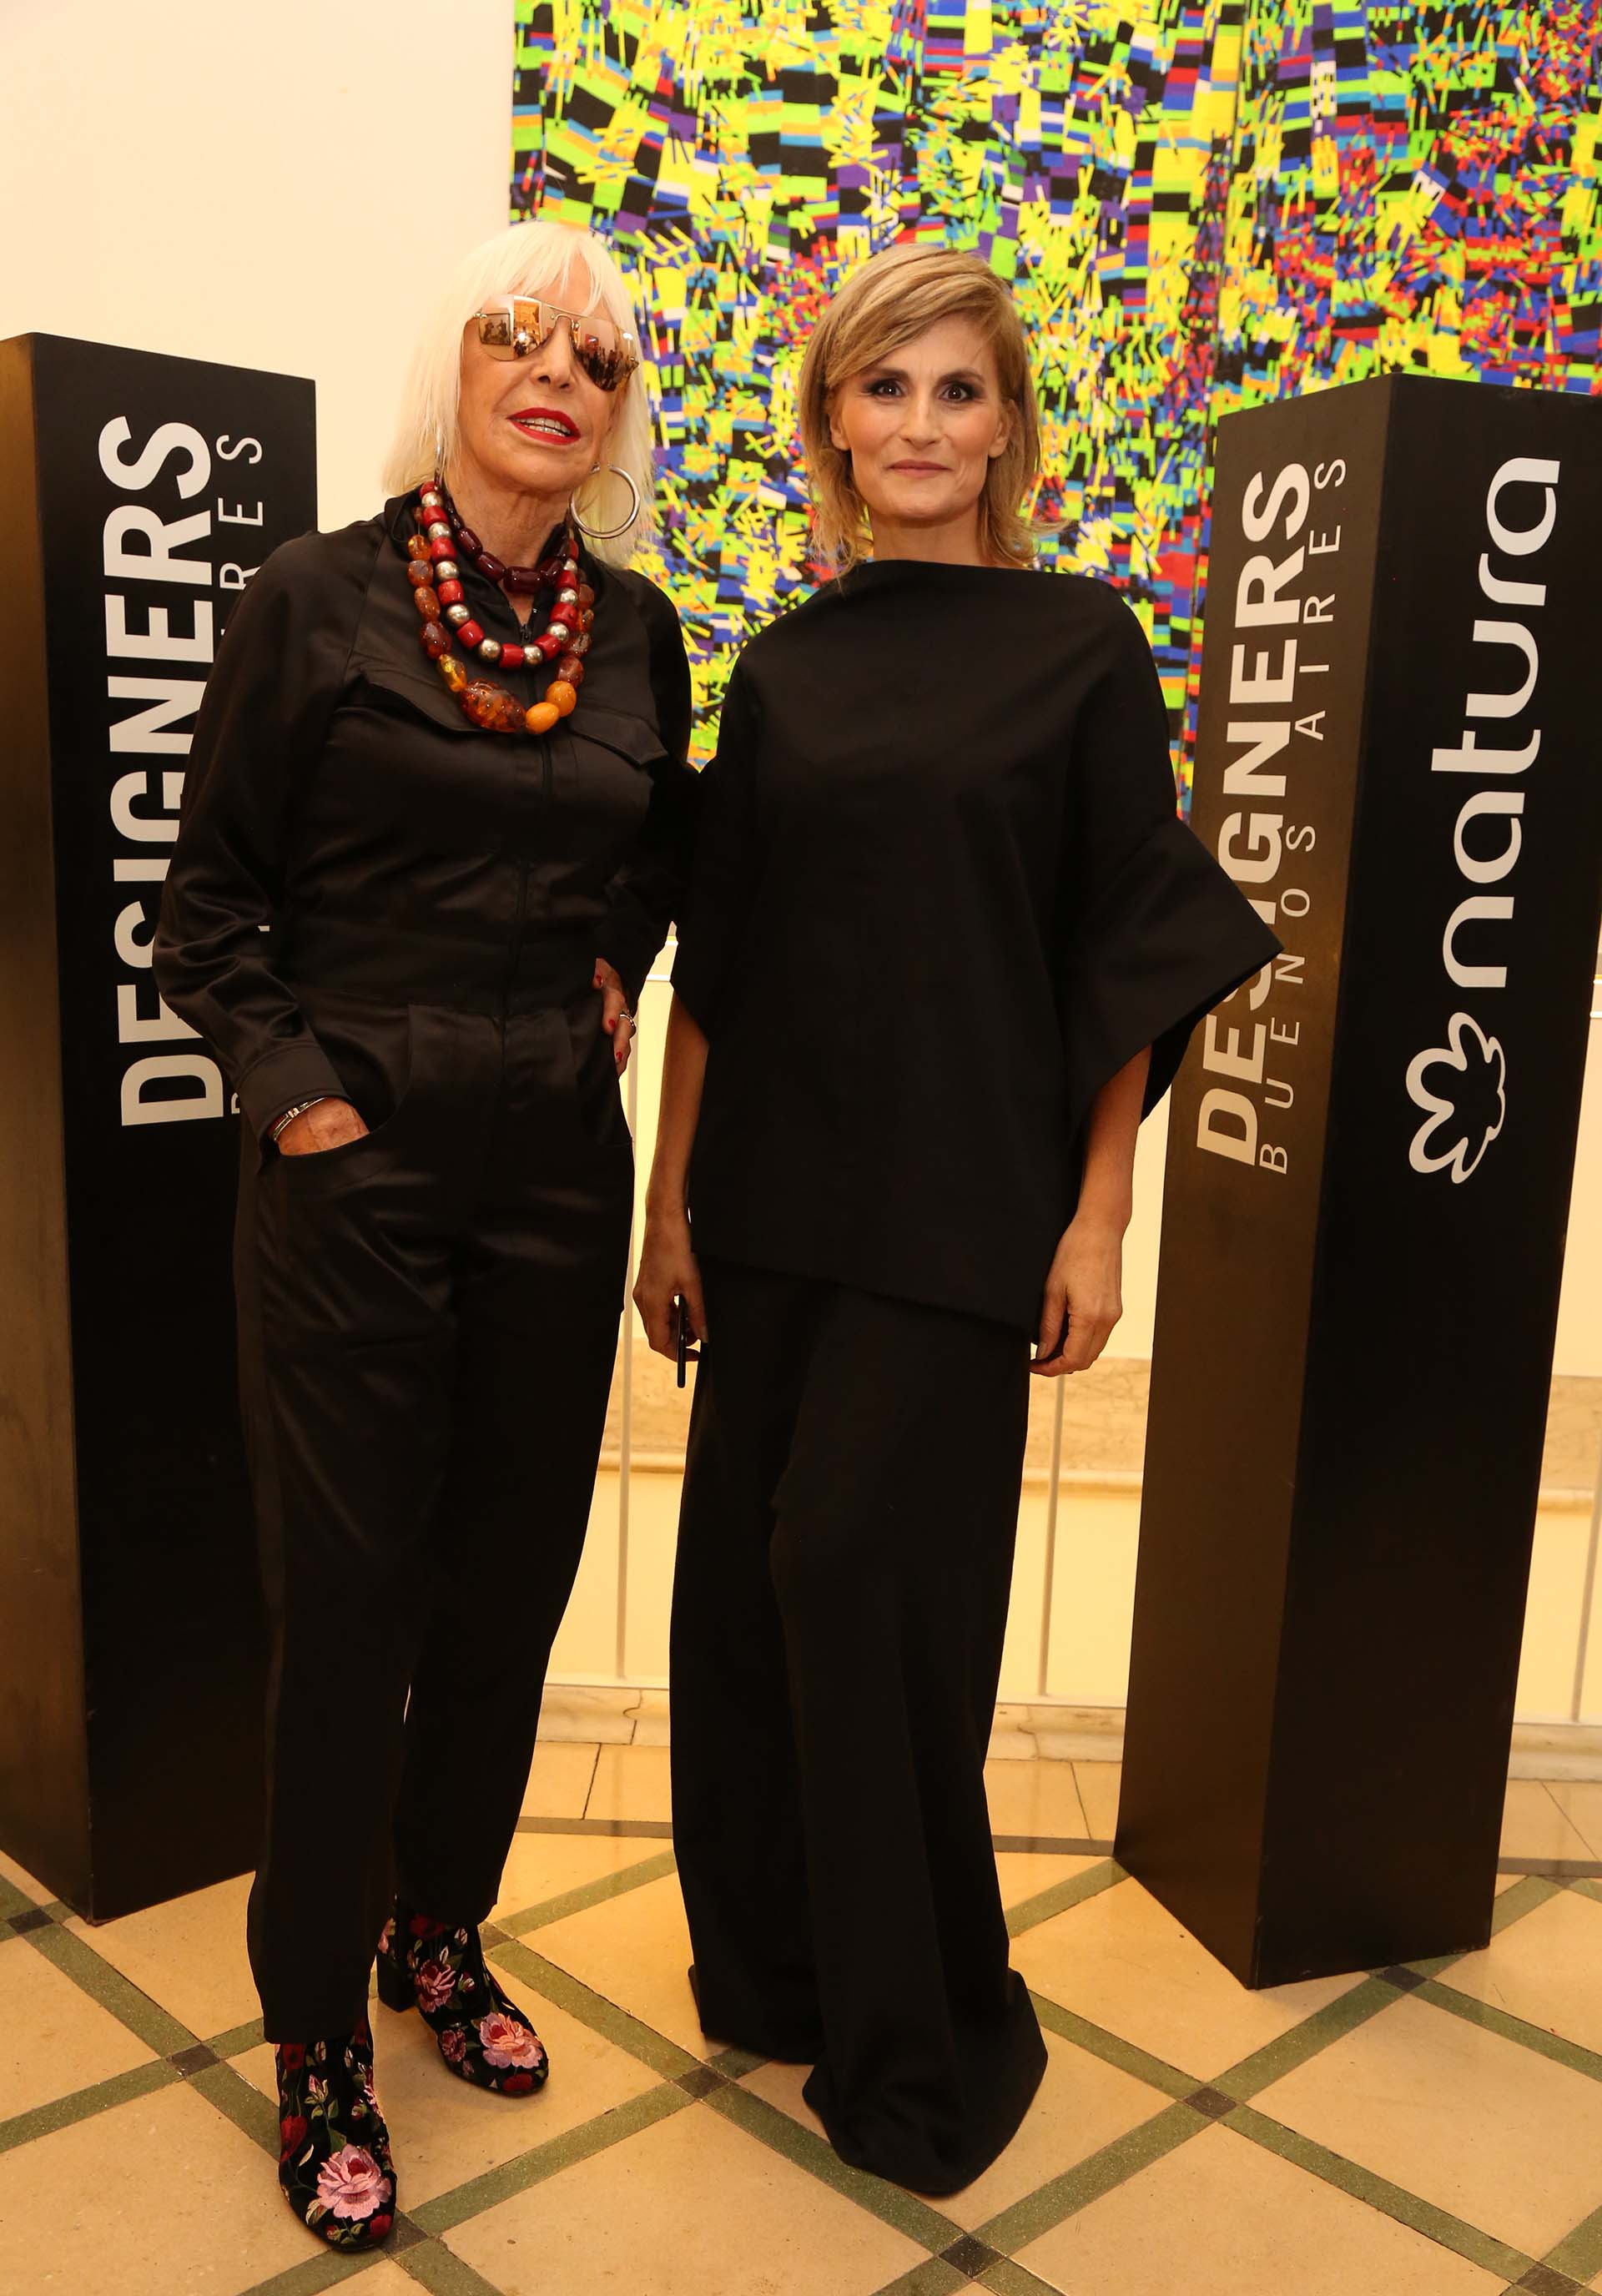 Min Agostini junto a la prestigiosa artista plástica Marta Mínujin ( Marta Giambompaola)